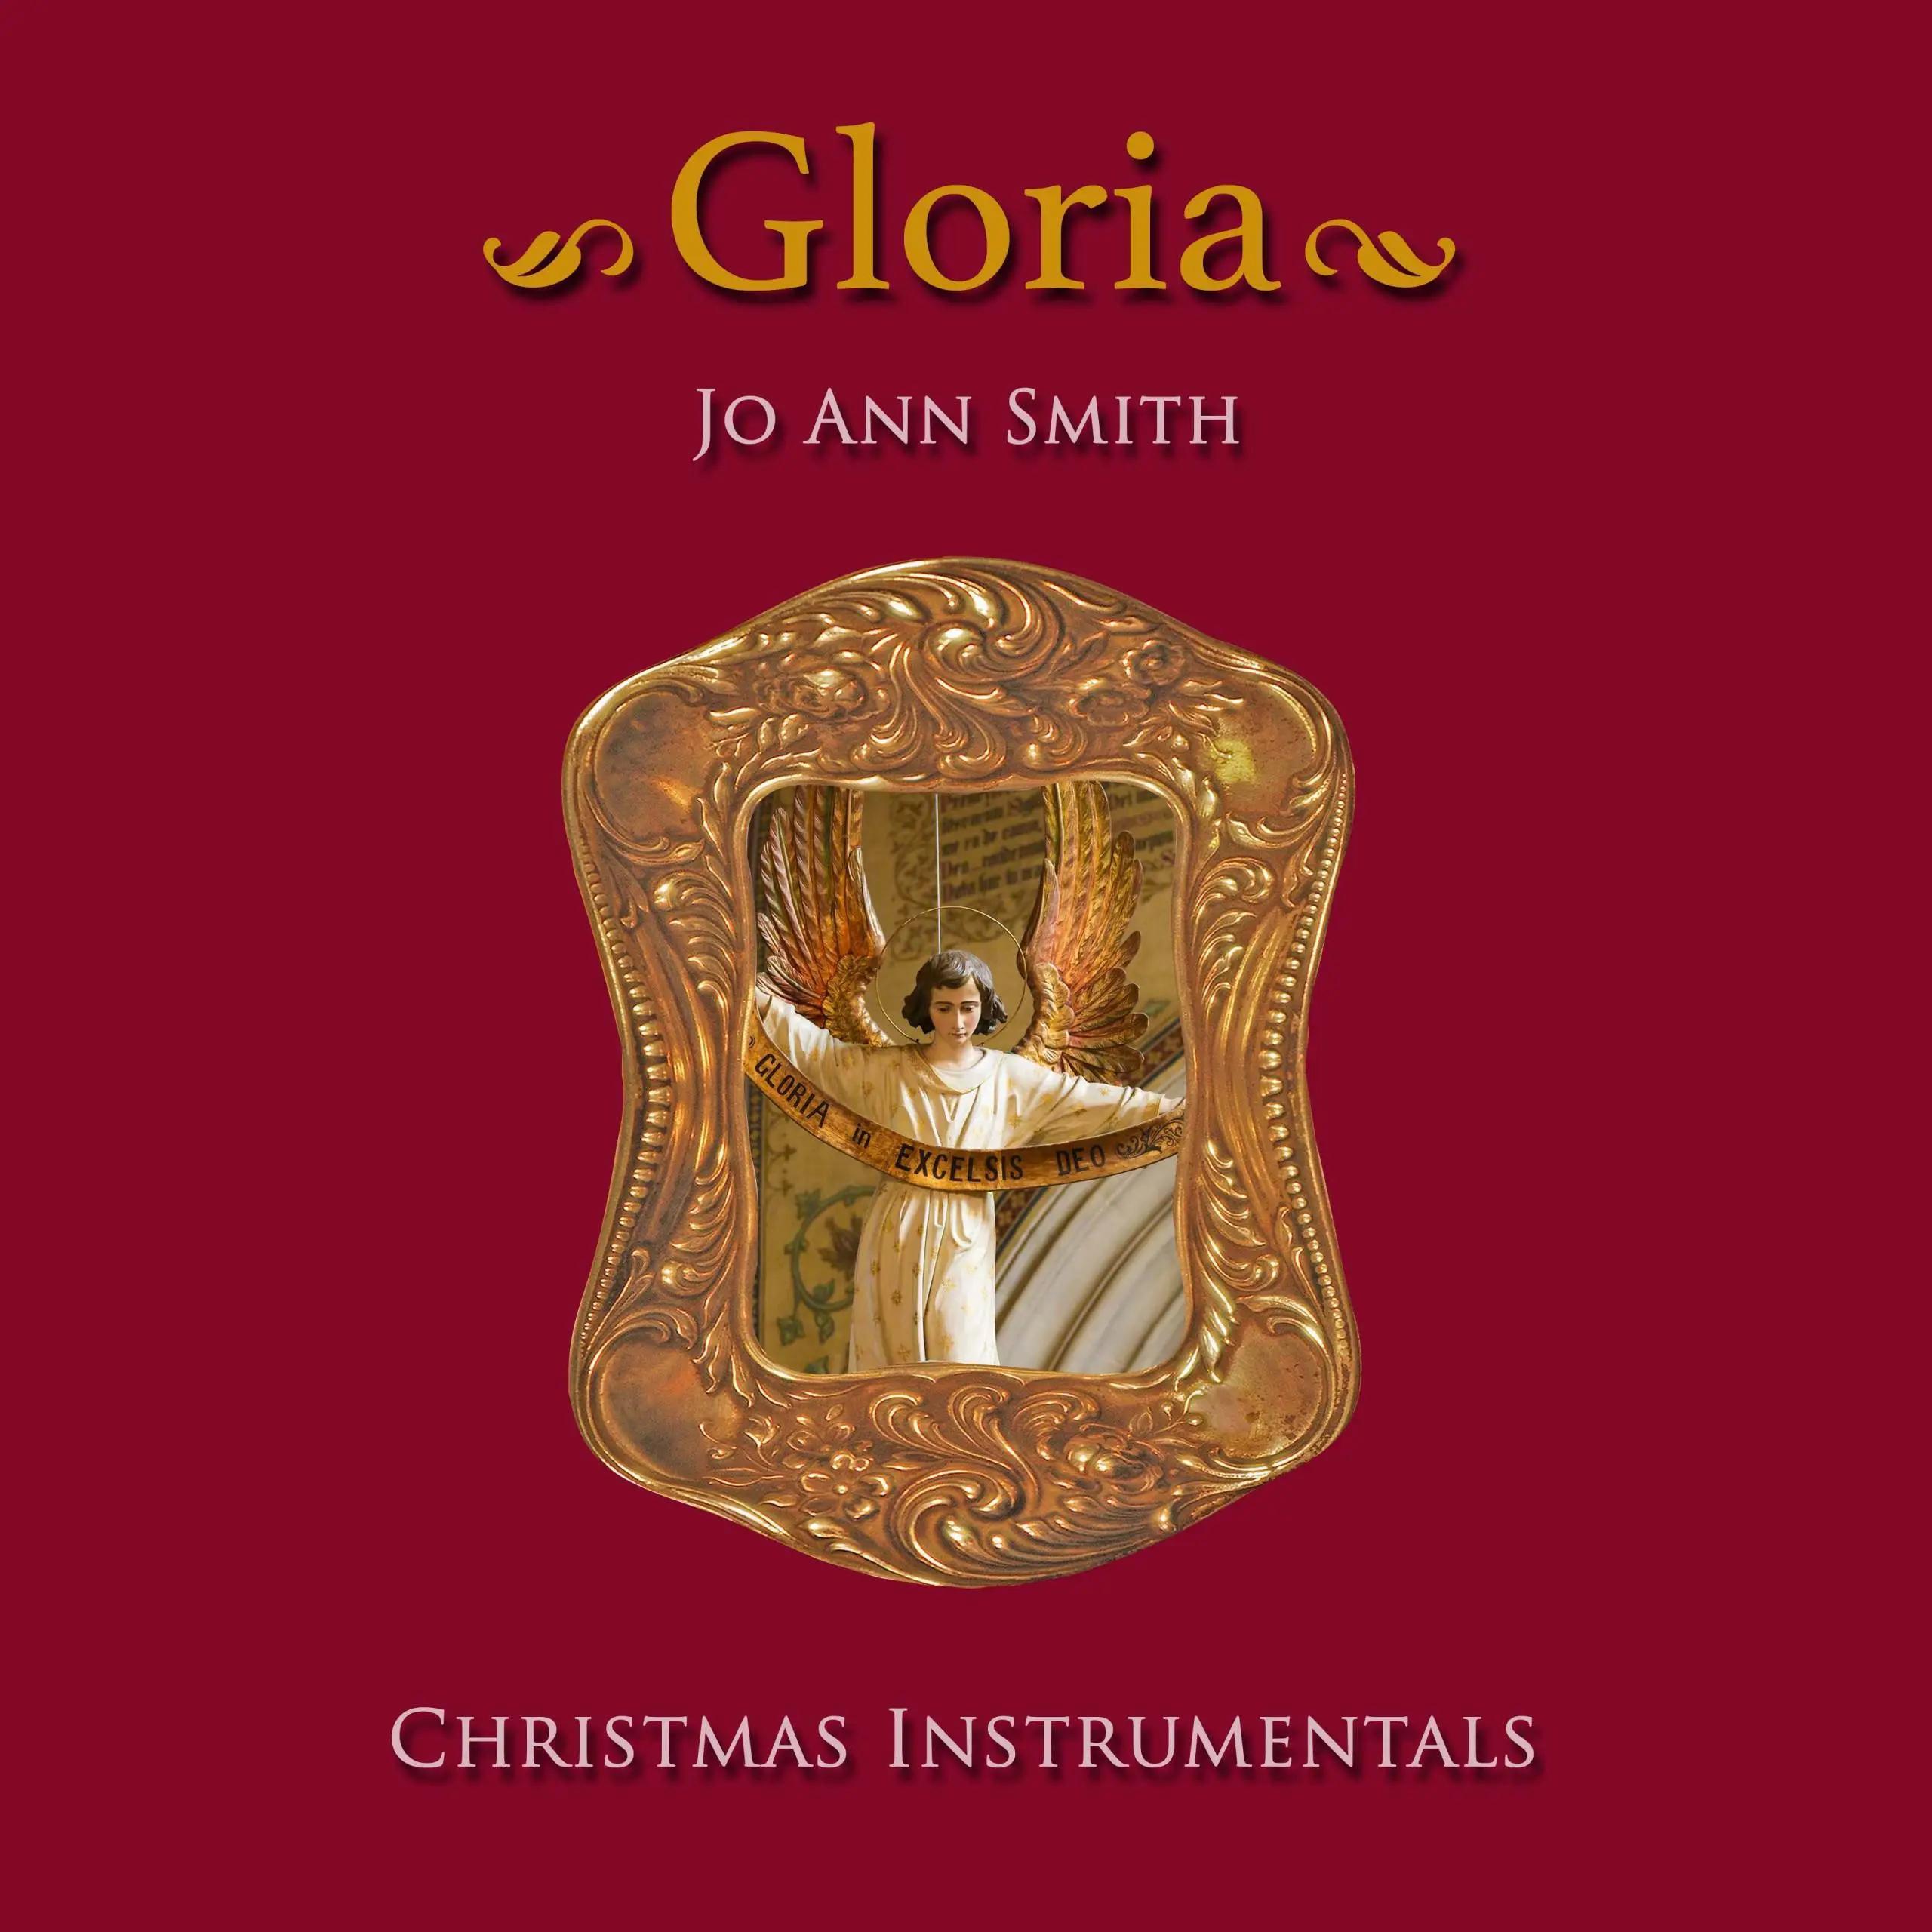 GLORIA-ALBUM-FRONTsmall